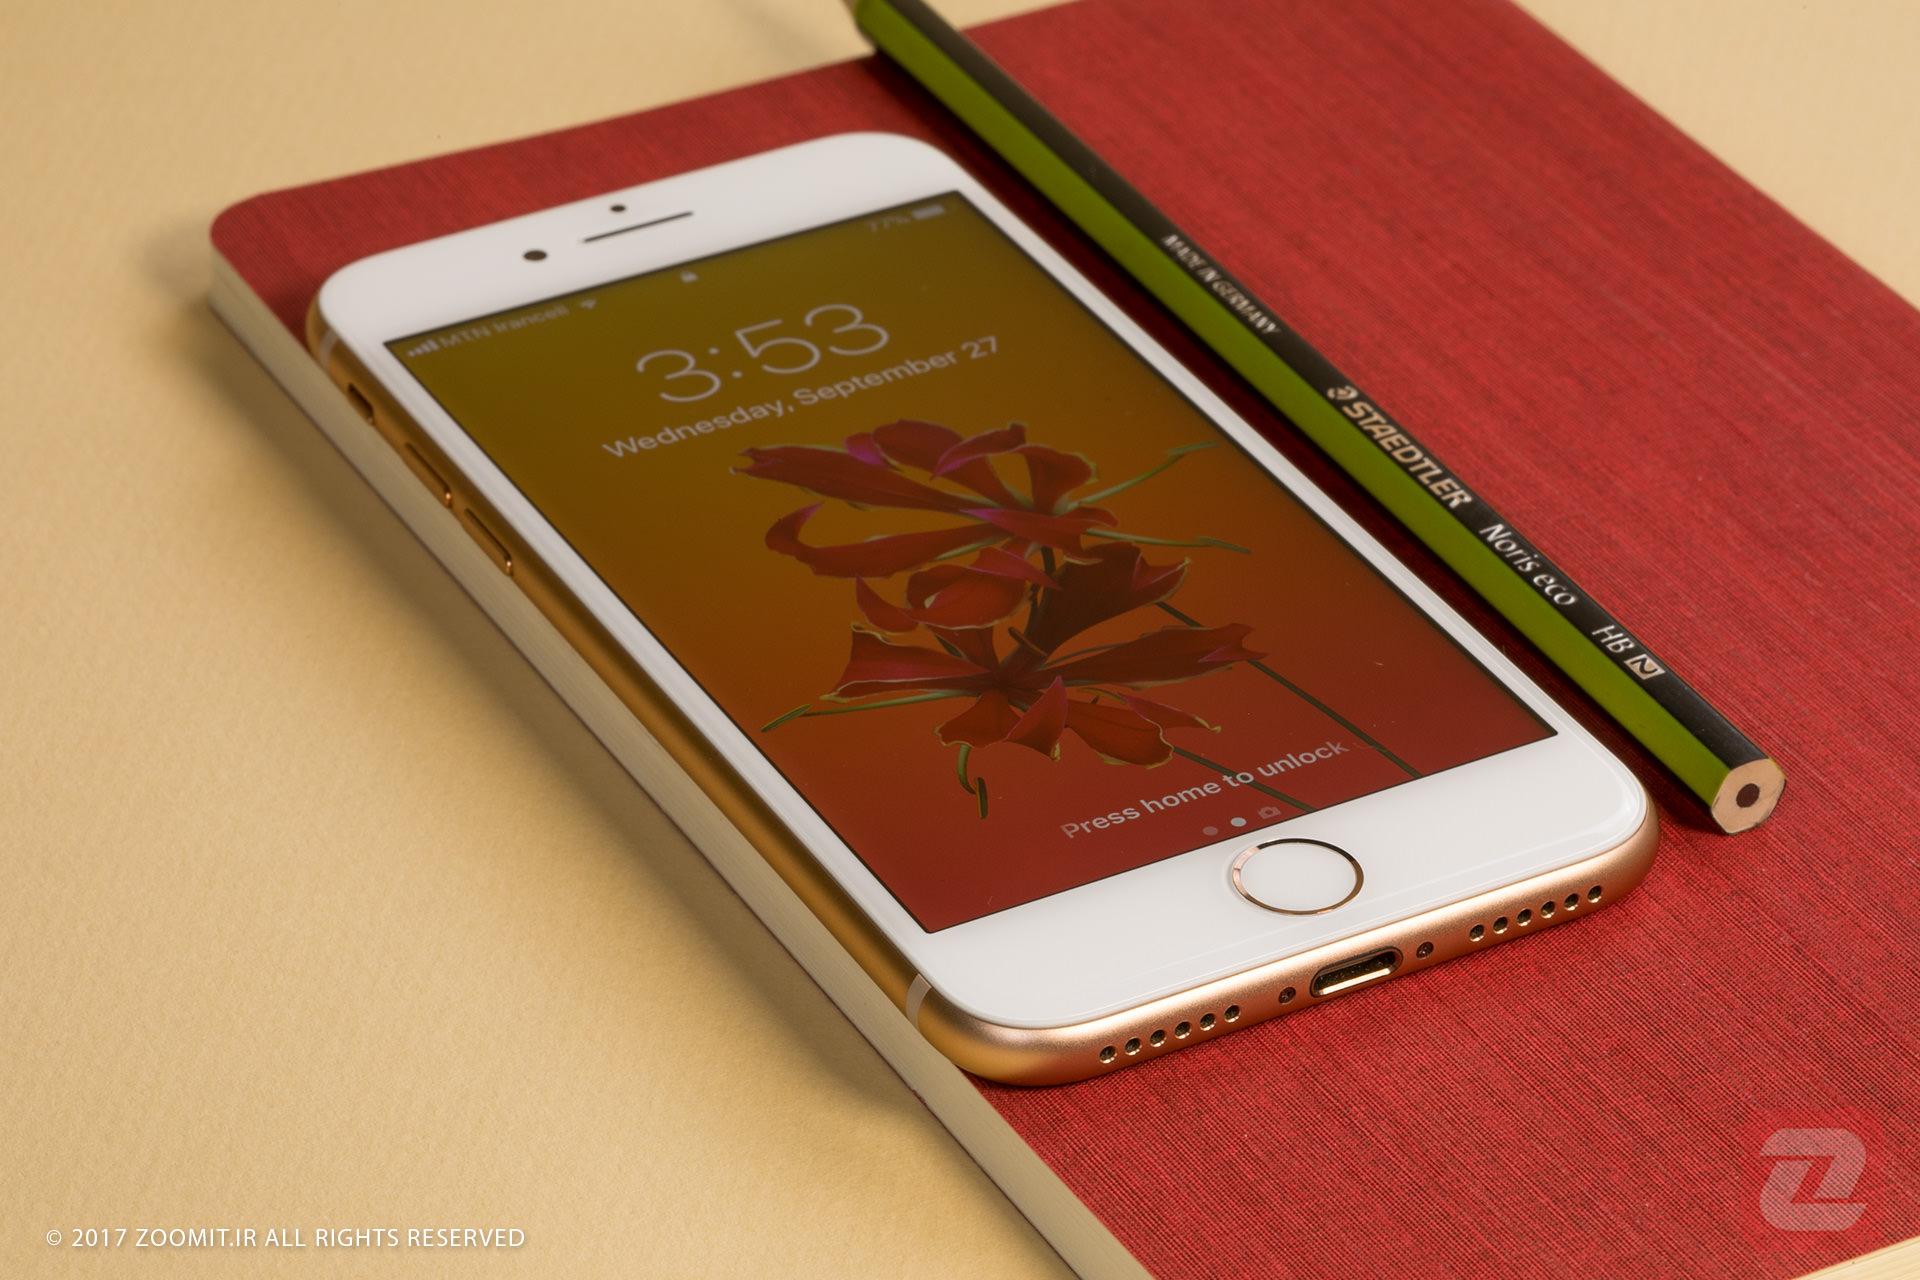 اپل در طرح تعمیر رایگان، گوشیهای آیفون 8 معیوب را بدون هزینه تعمیر میکند